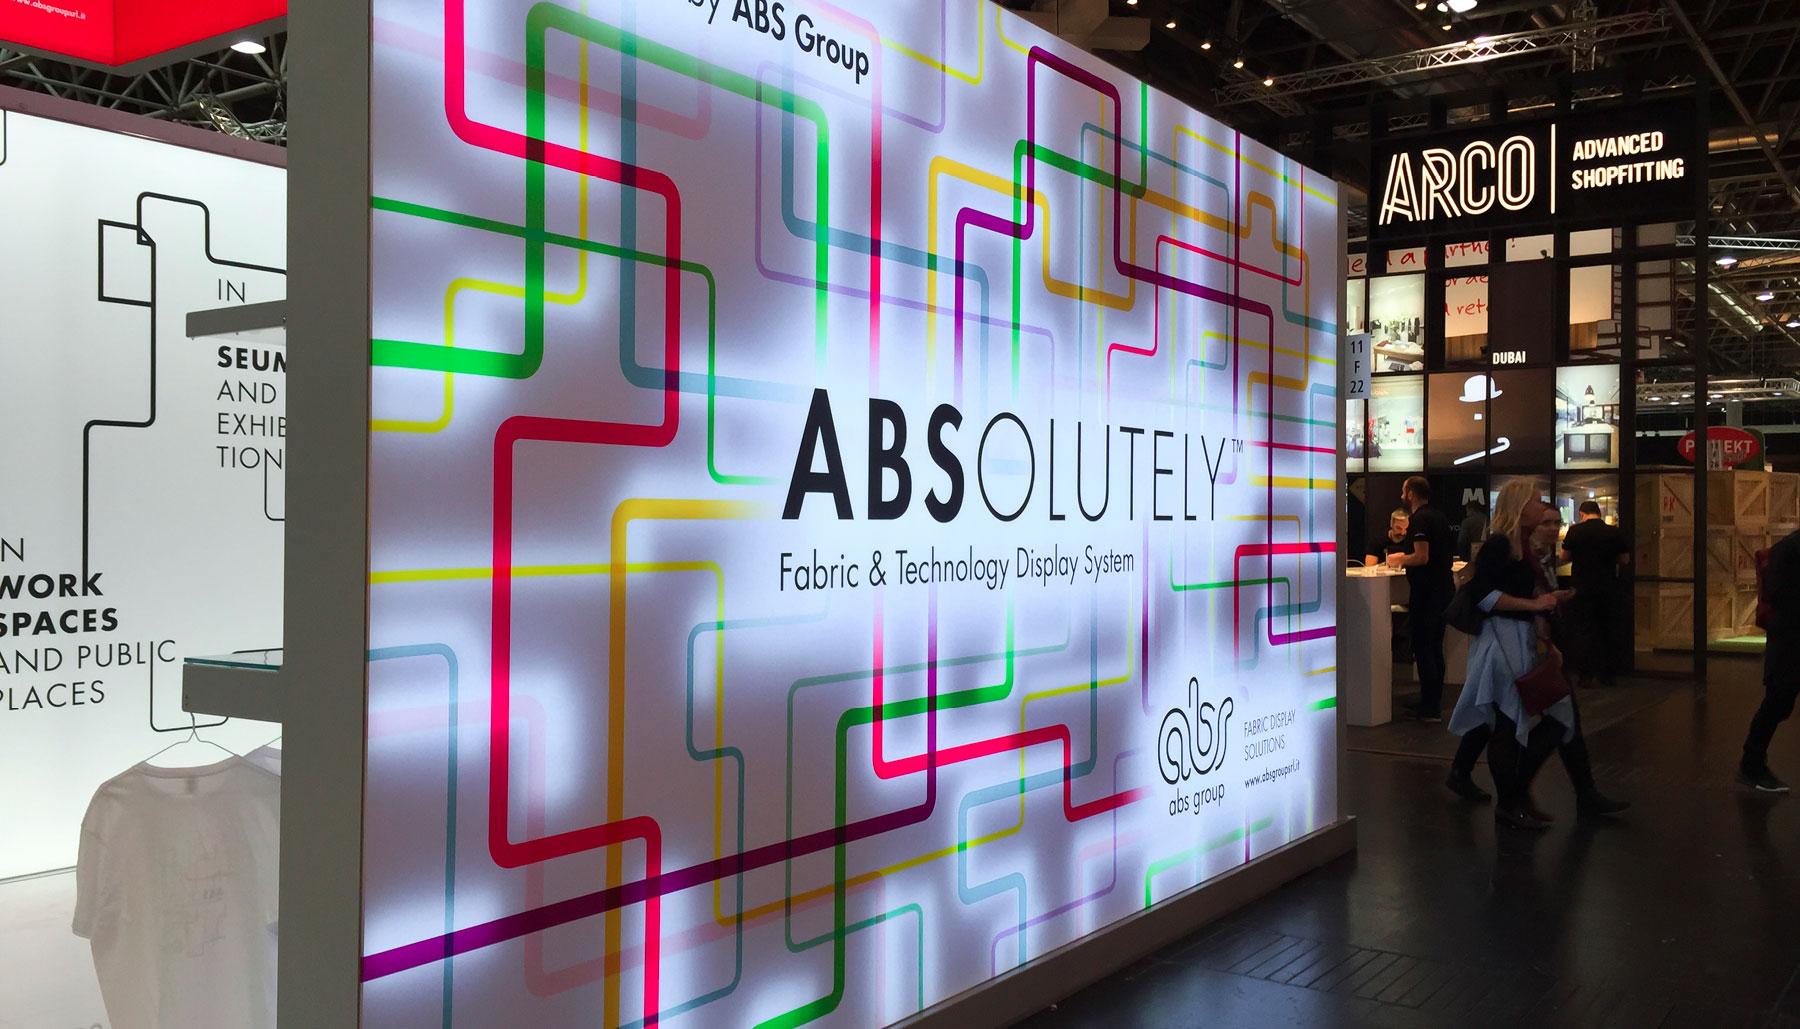 Progettazione grafica stand ABS Group | Kora Comunicazione